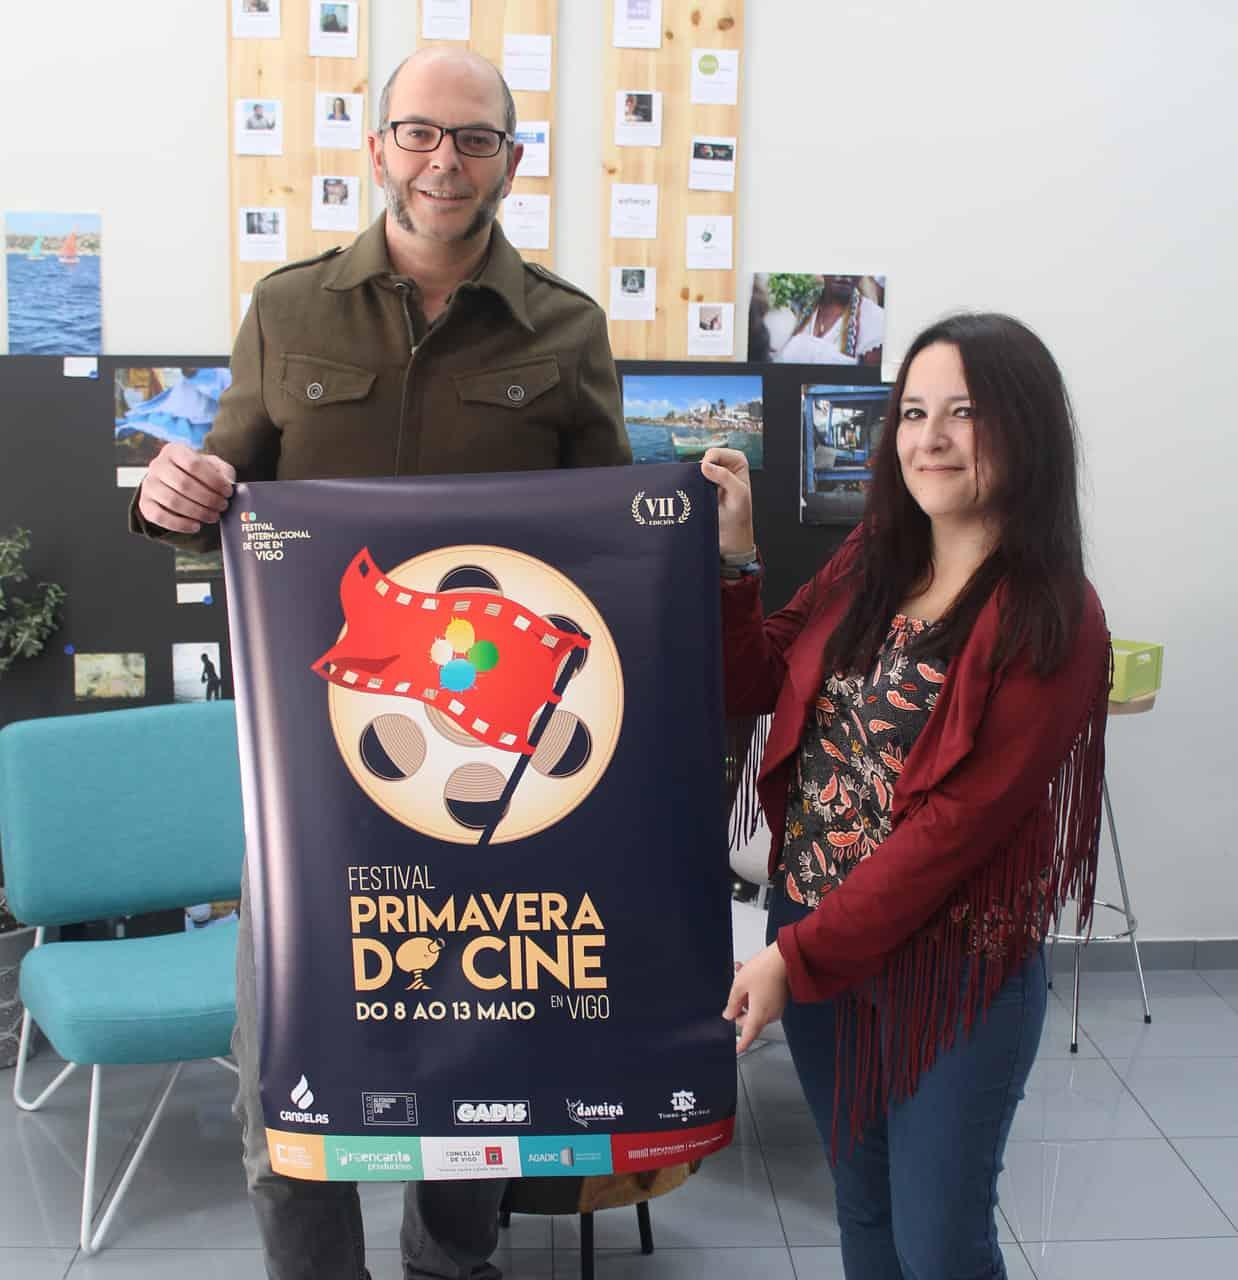 María Llauger é a deseñadora do cartel do Primavera do Cine en Vigo